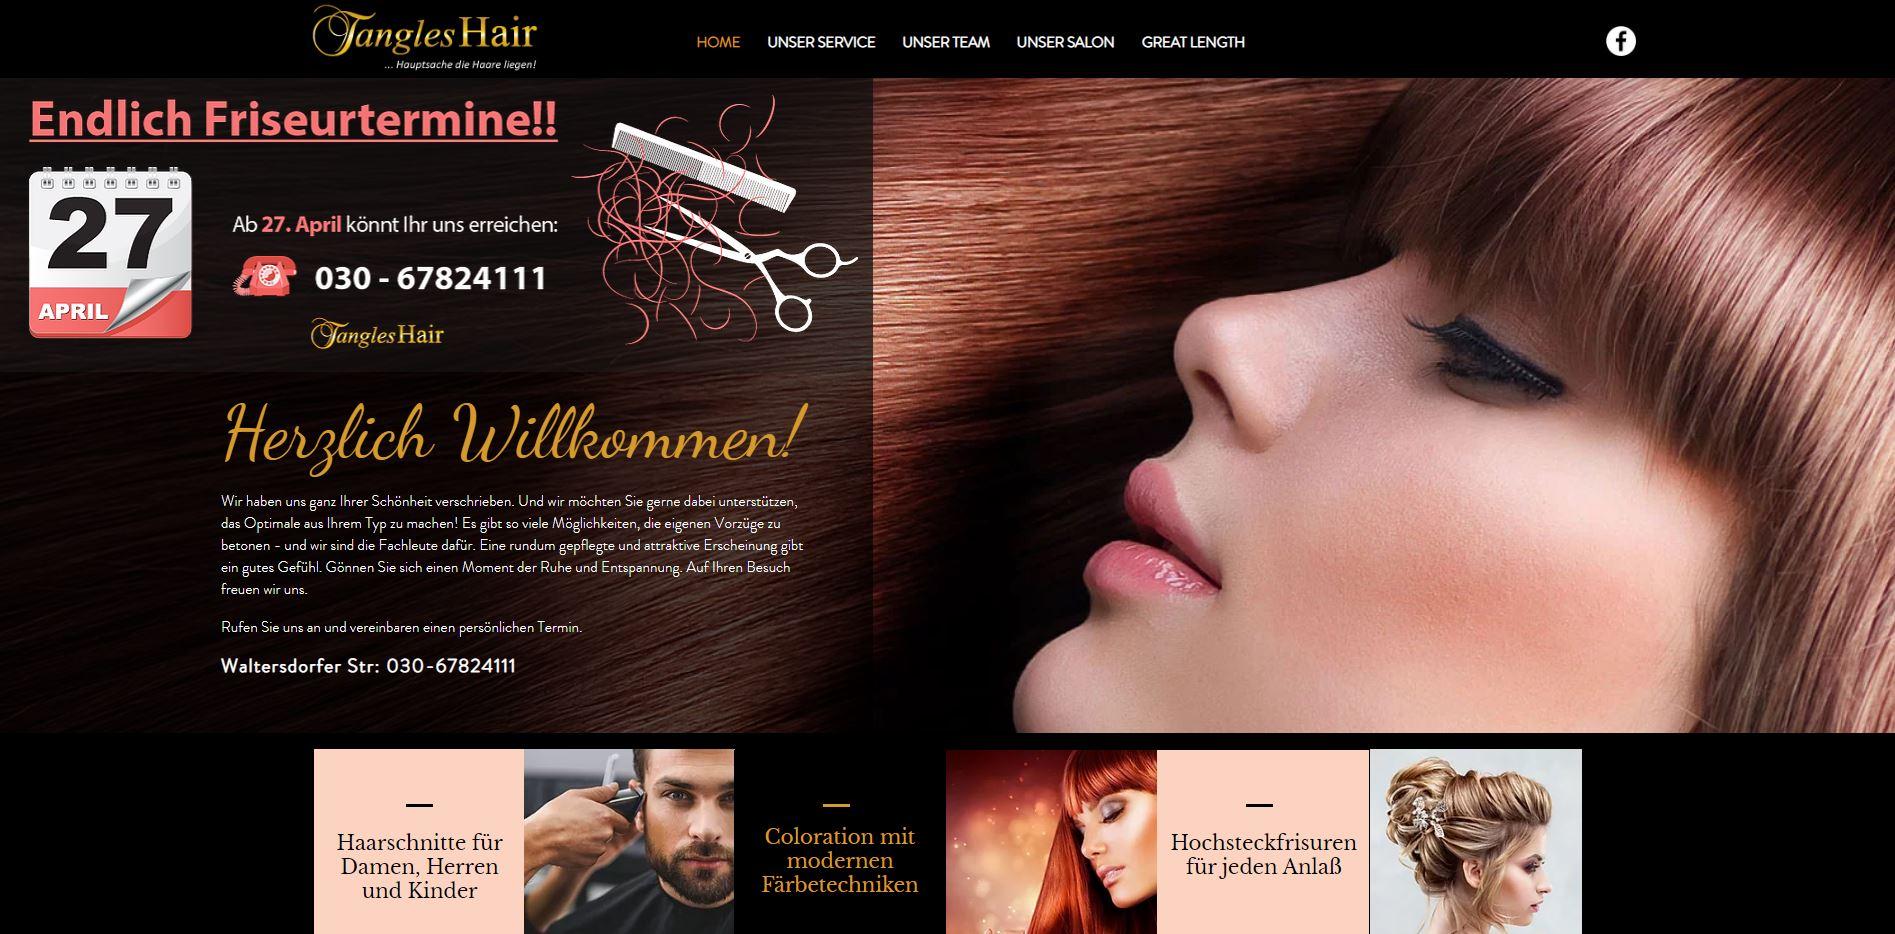 TanglesHair Website Design